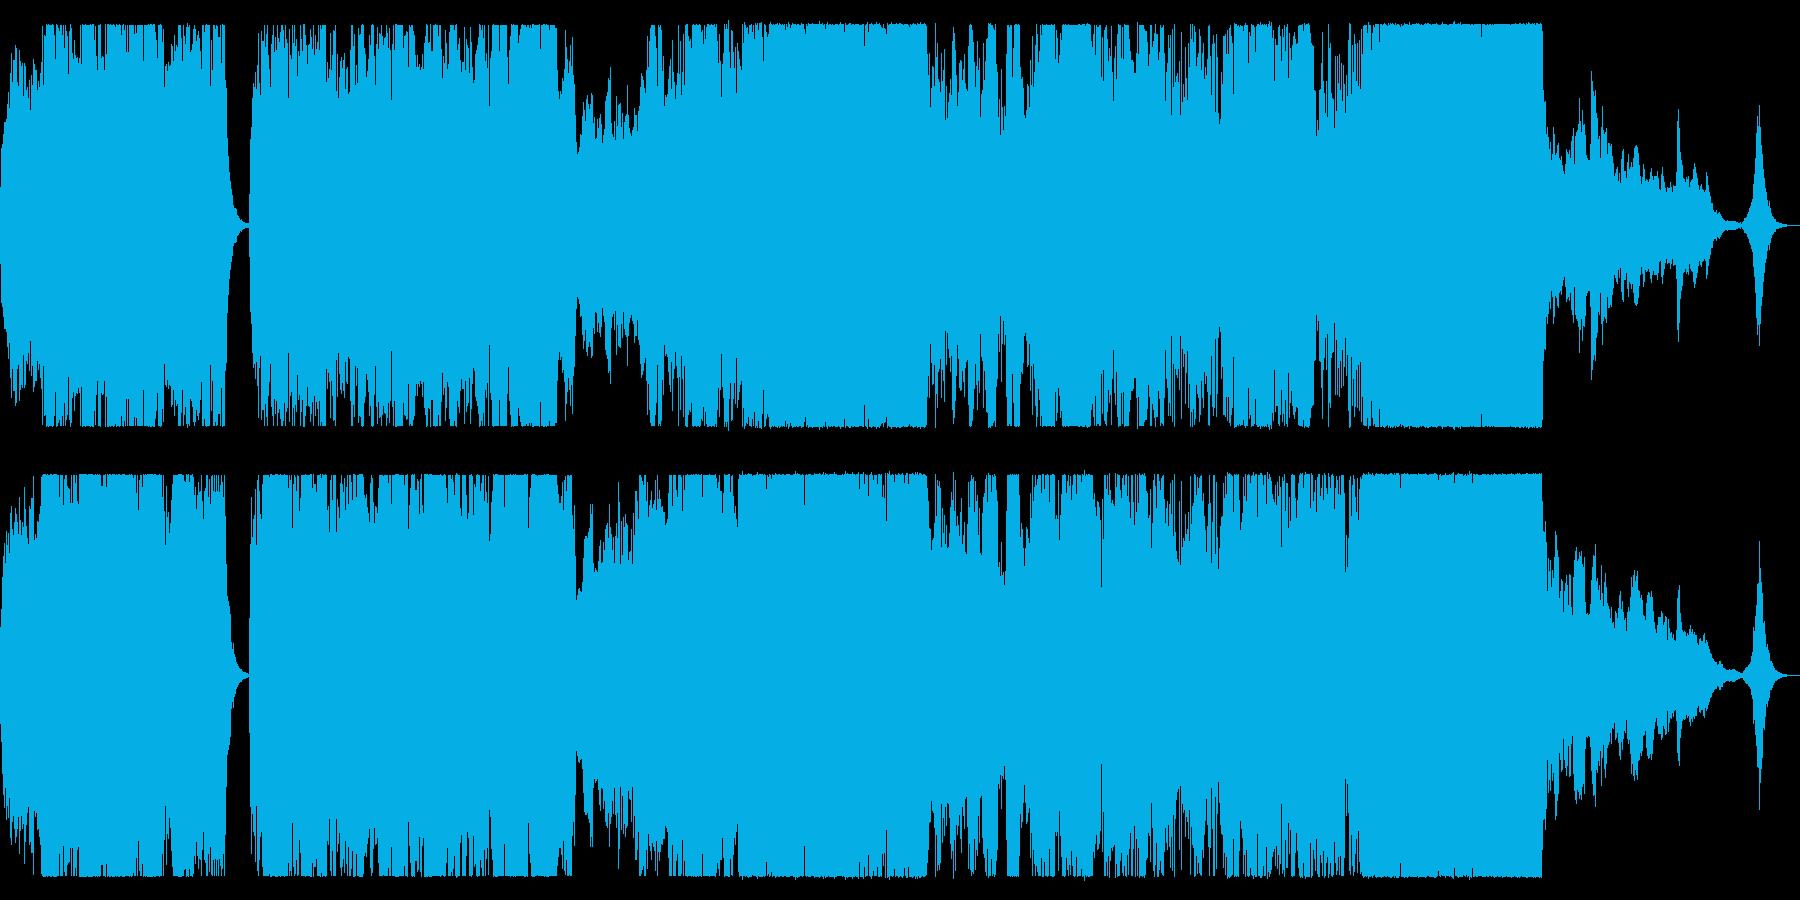 ダークファンタジー、SF向けオーケストラの再生済みの波形